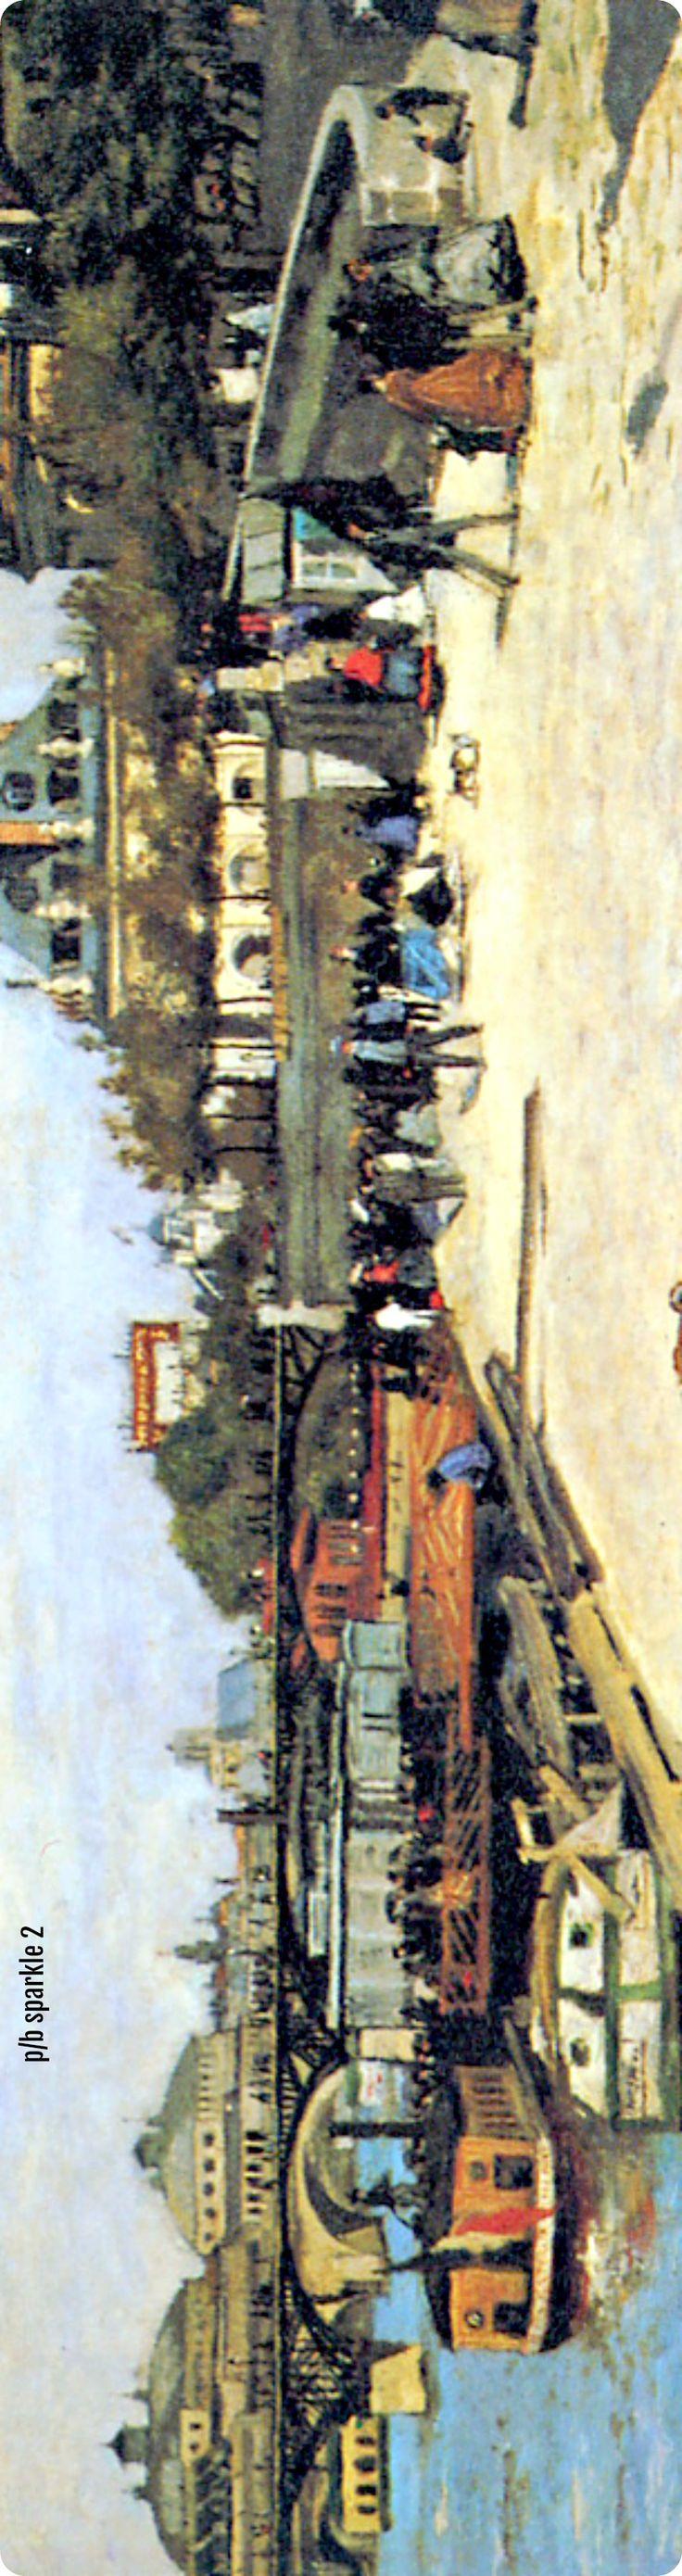 Pierre-Auguste Renoir (1841-1919): The Pont des Arts and the Institut de France, 1867